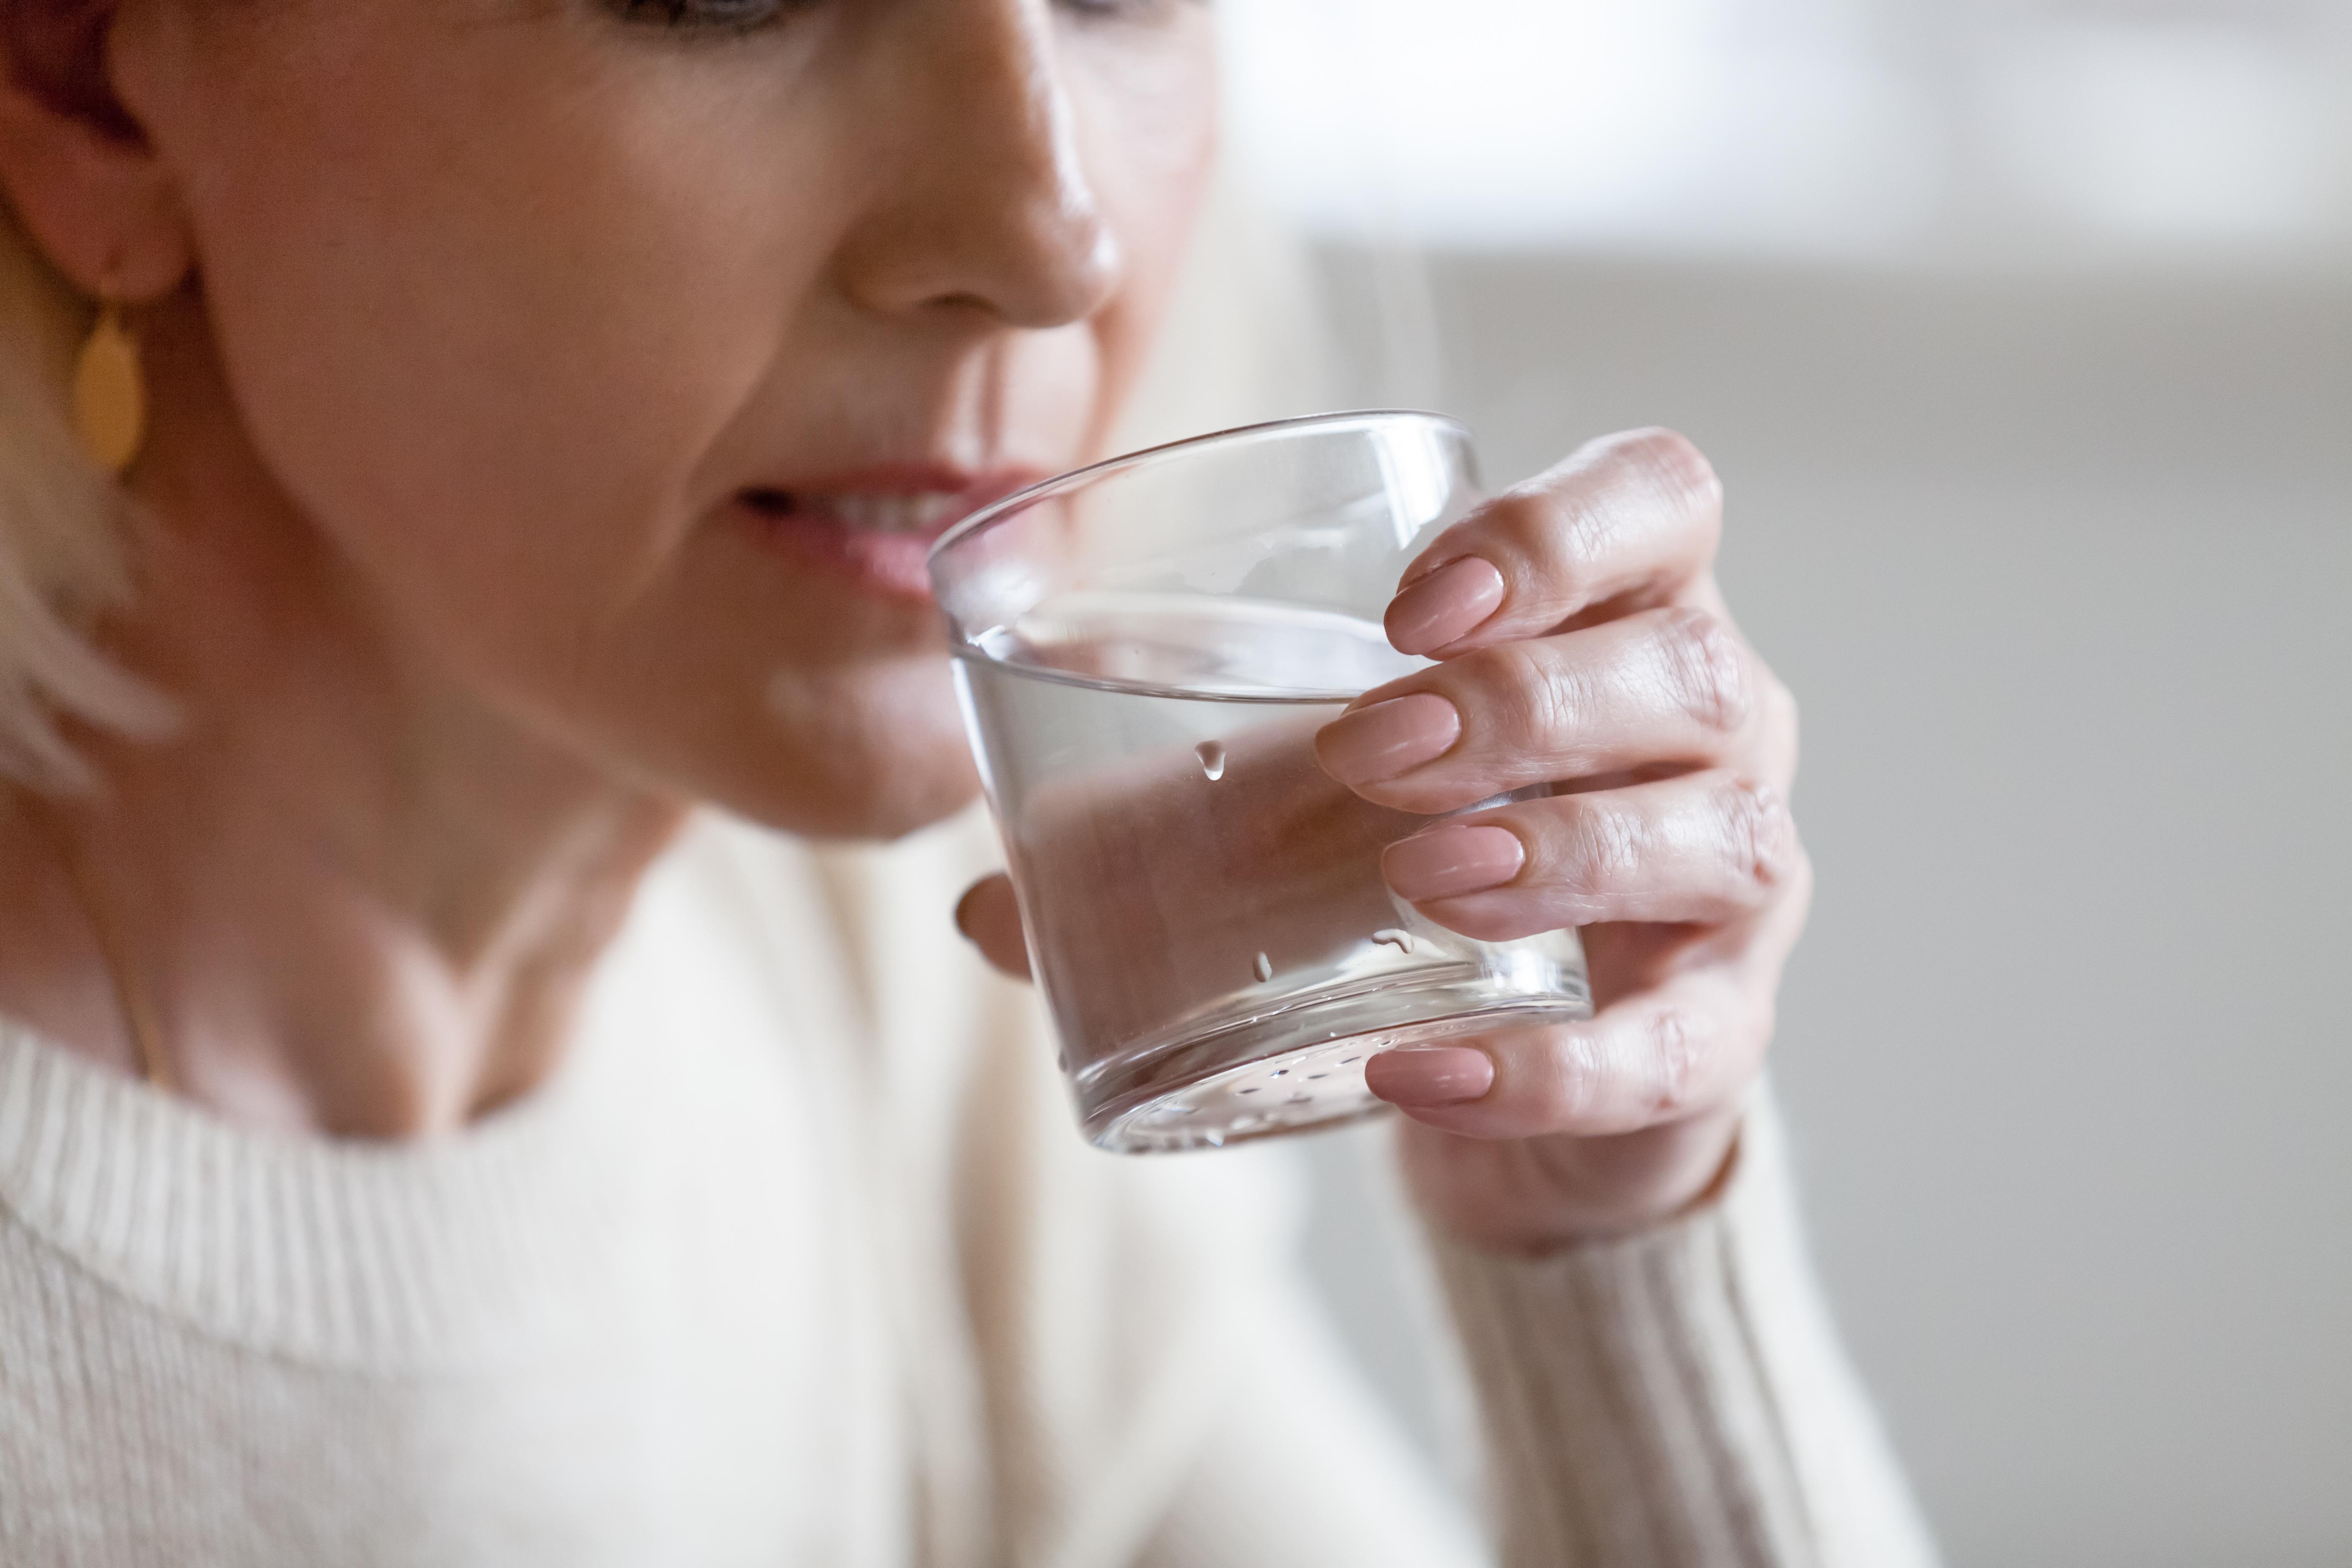 Vid muntorrhet kan det hjälpa att dricka mycket vatten.